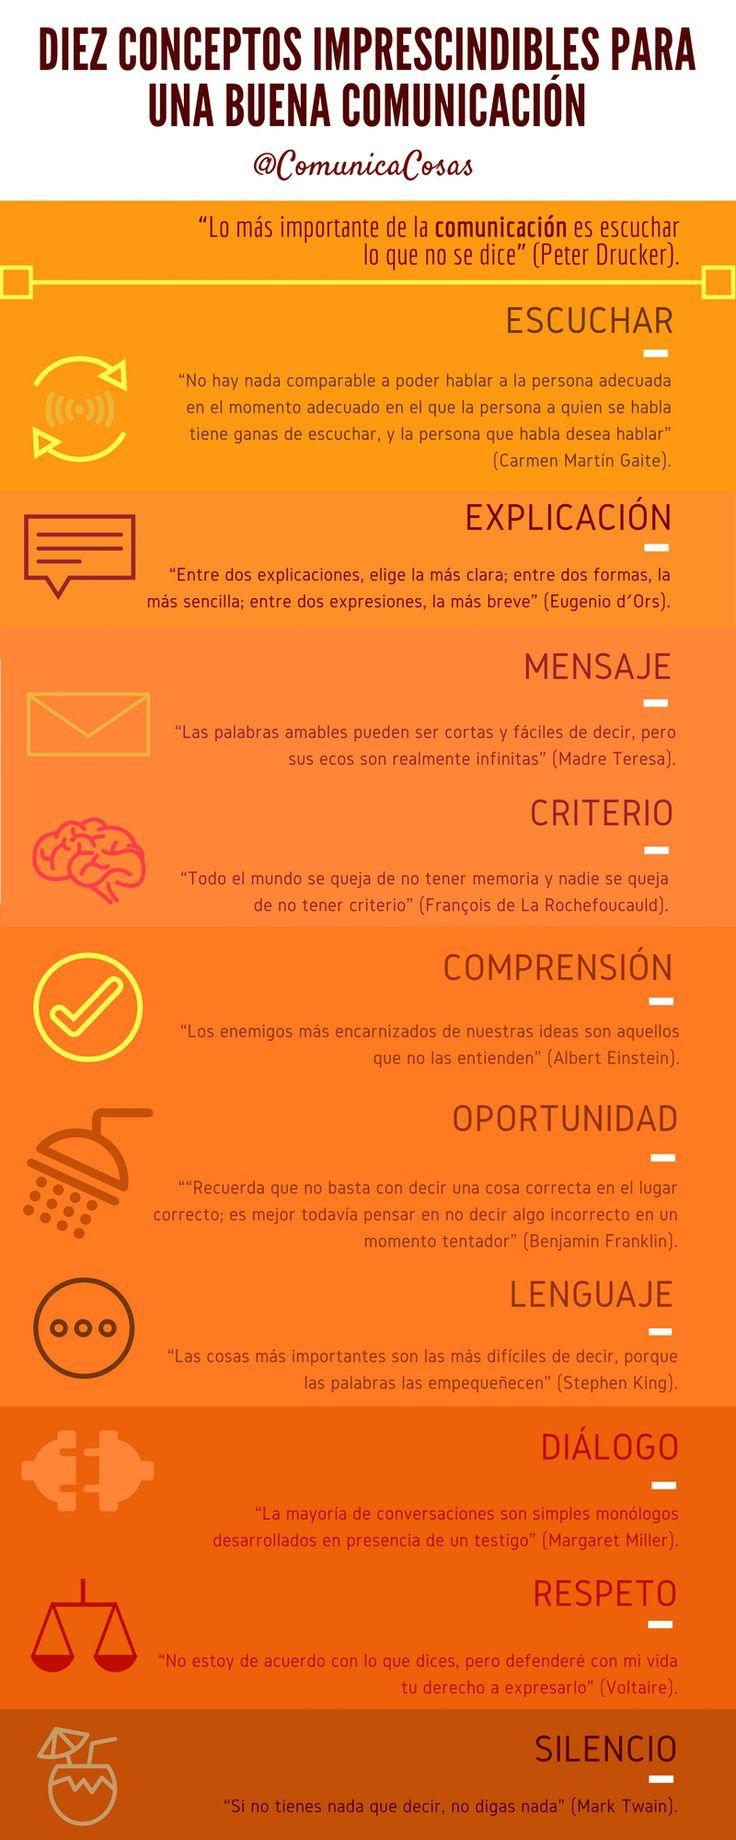 Las 10 Claves para una buena Comunicación, representadas en una infografía a través de una decena de citas célebres de reconocidos personajes.